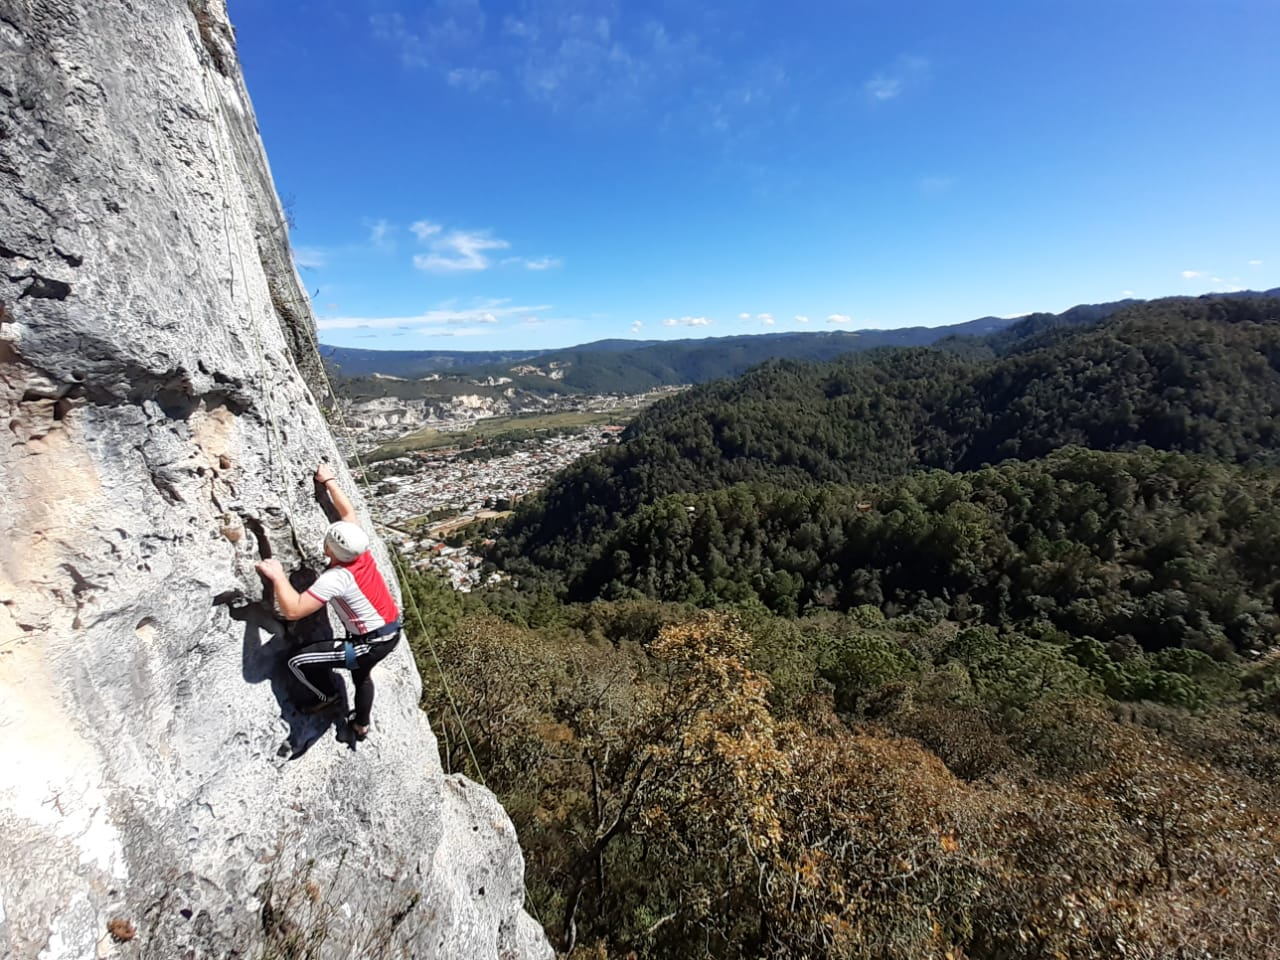 Lustrumreis Mexico San Cristobal de las Casas Rock Climbing 3